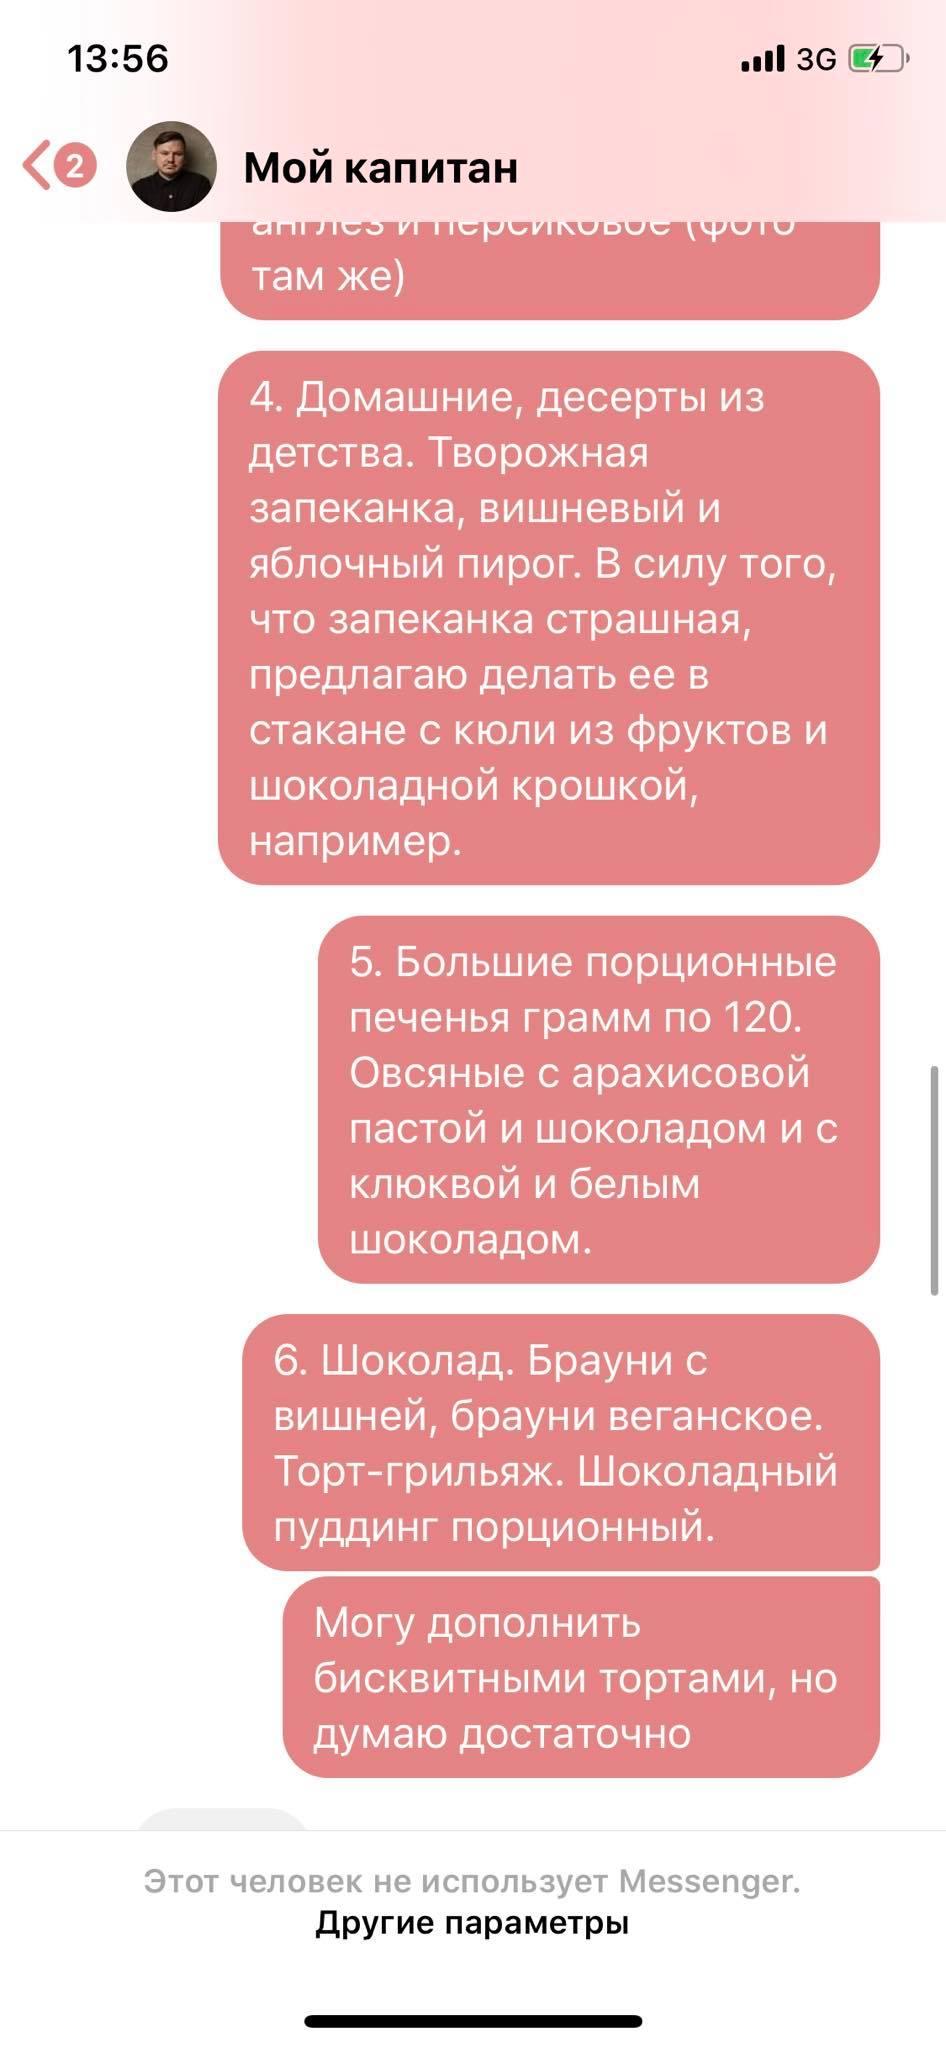 Скриншоты переписок